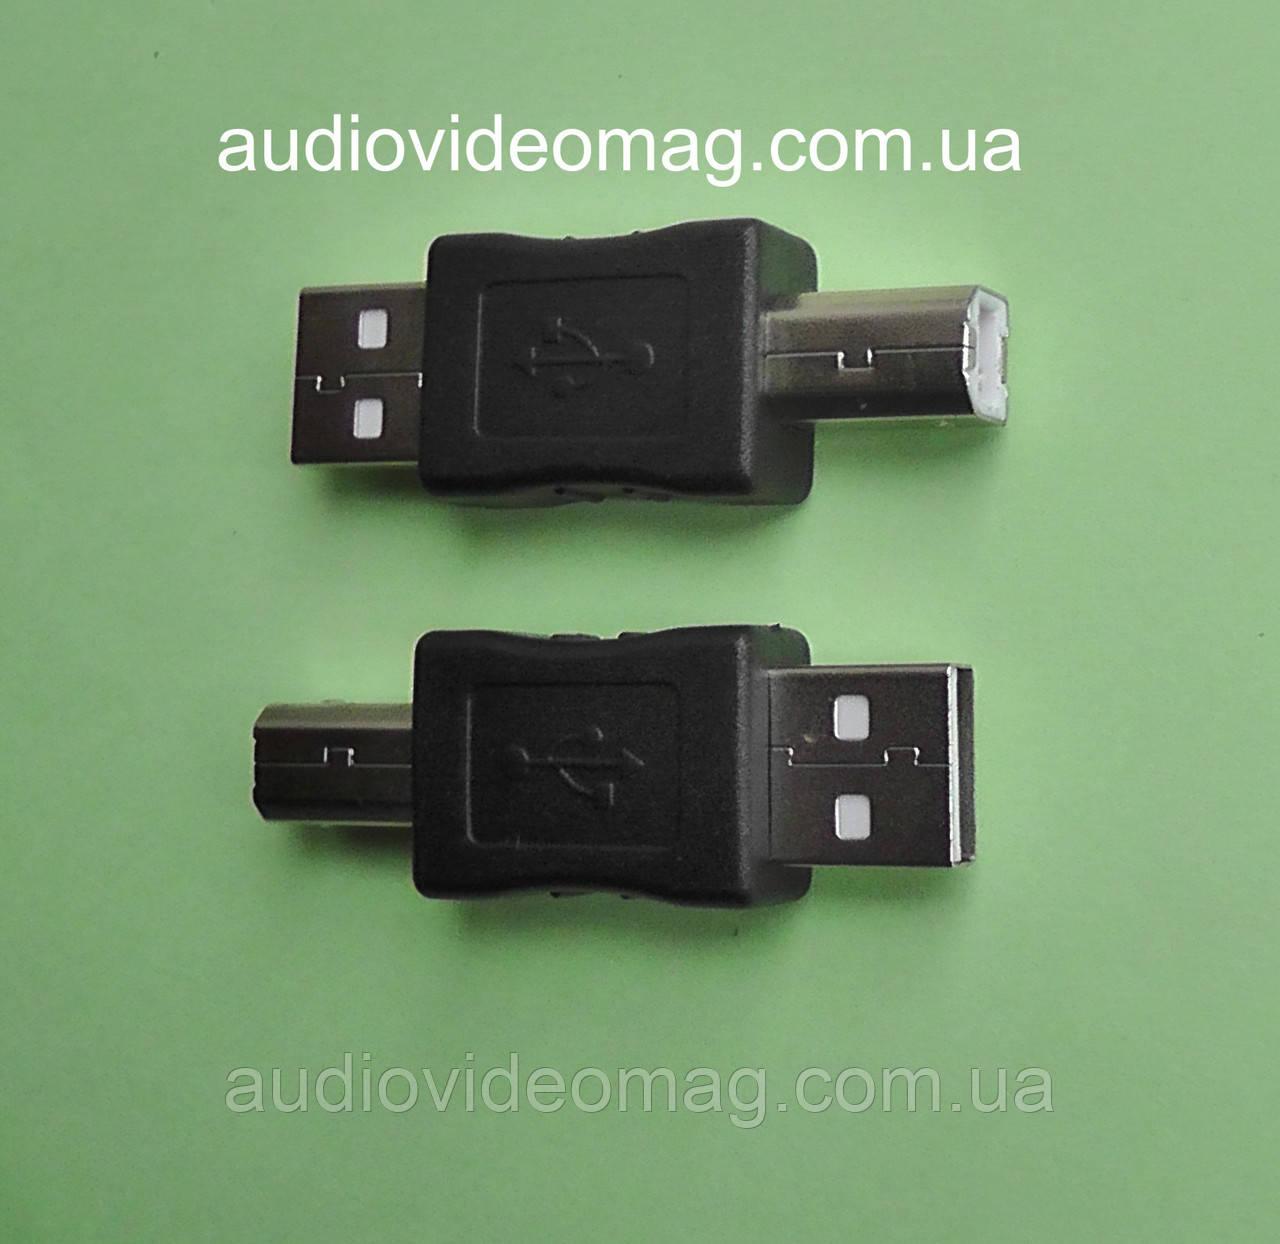 Переходник штекер USB А на штекер USB B